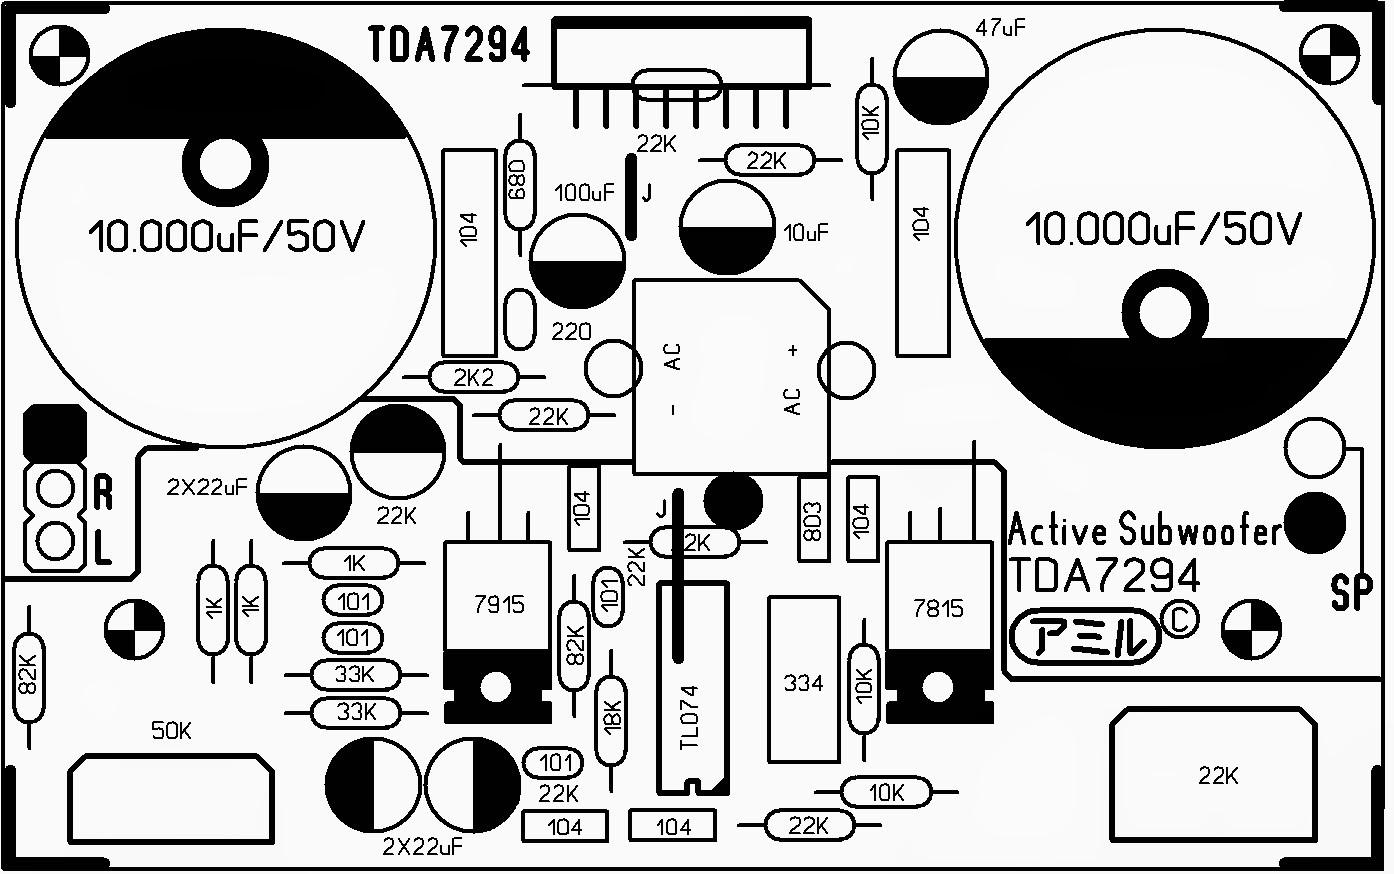 Active subwoofer TDA7294 9